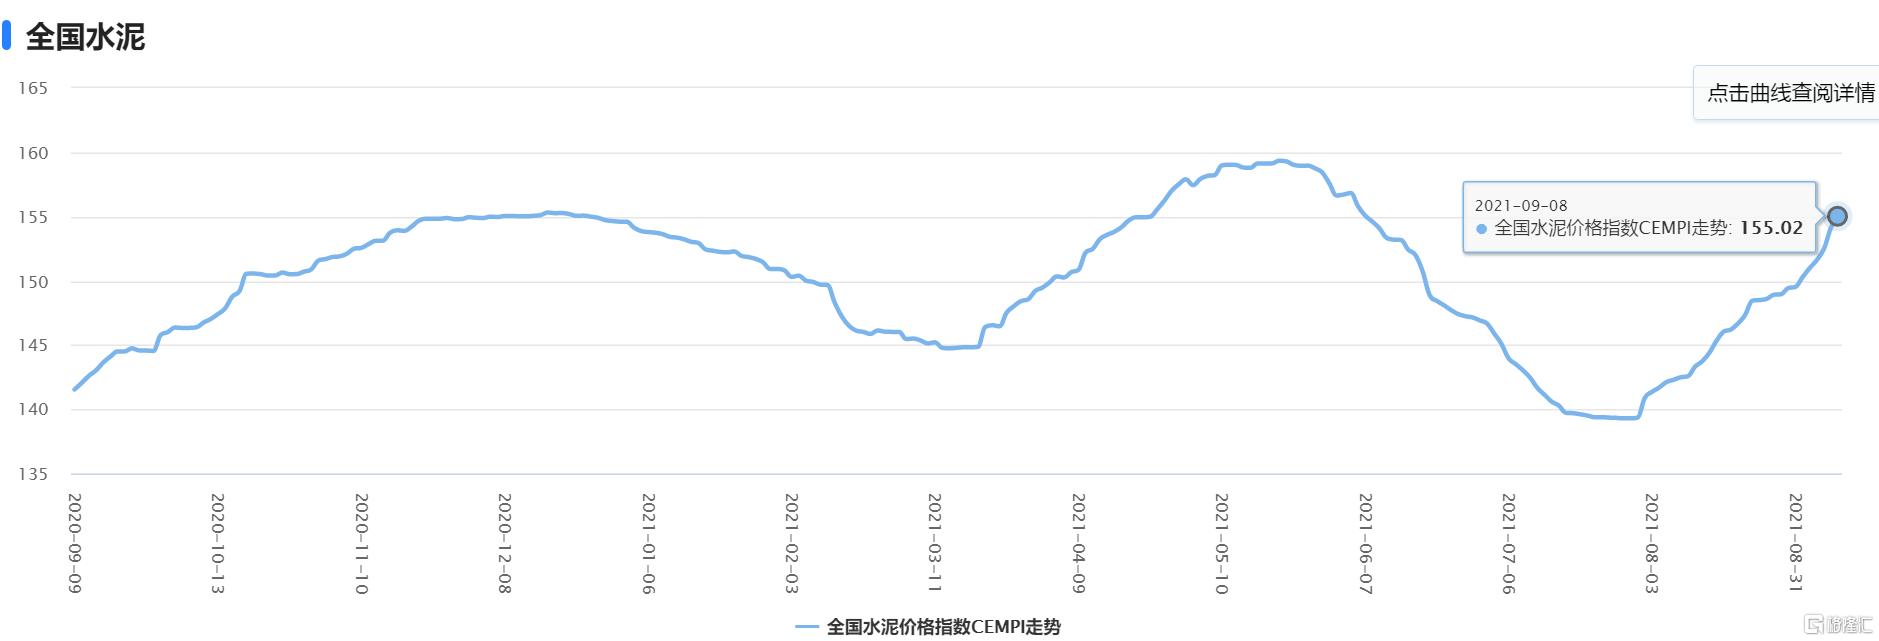 水泥股集体走强 A股塔牌集团涨近8%